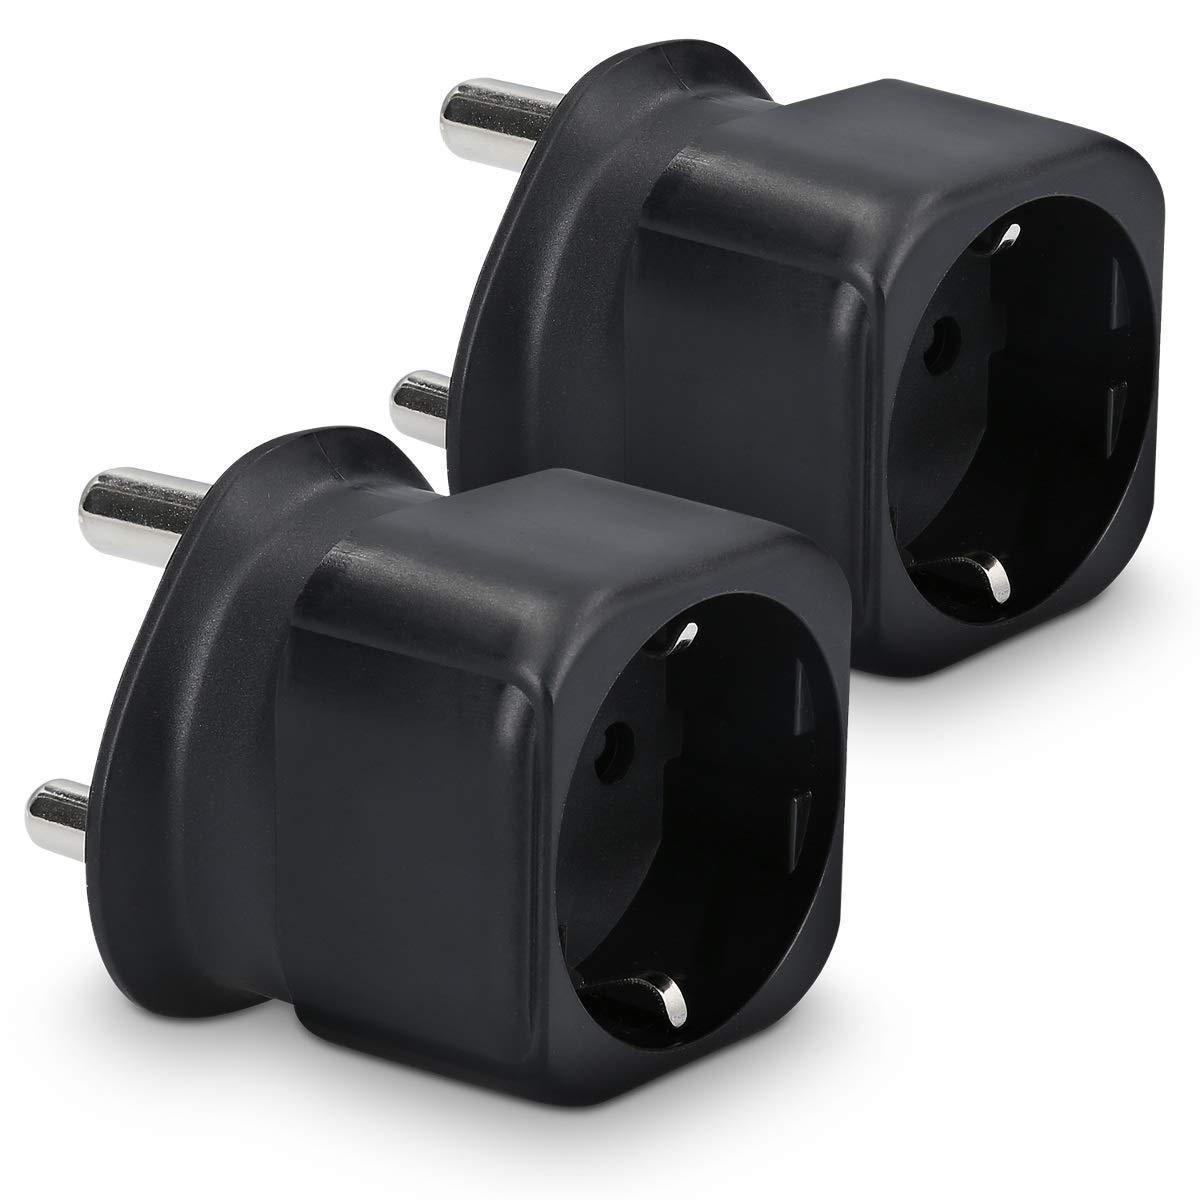 Conector de enchufes Color Negro Conector Sud/áfrica Nepal Macao 2X Adaptador Enchufe schuko kwmobile 2 Adaptadores de Viaje Sud/áfrica Tipo M